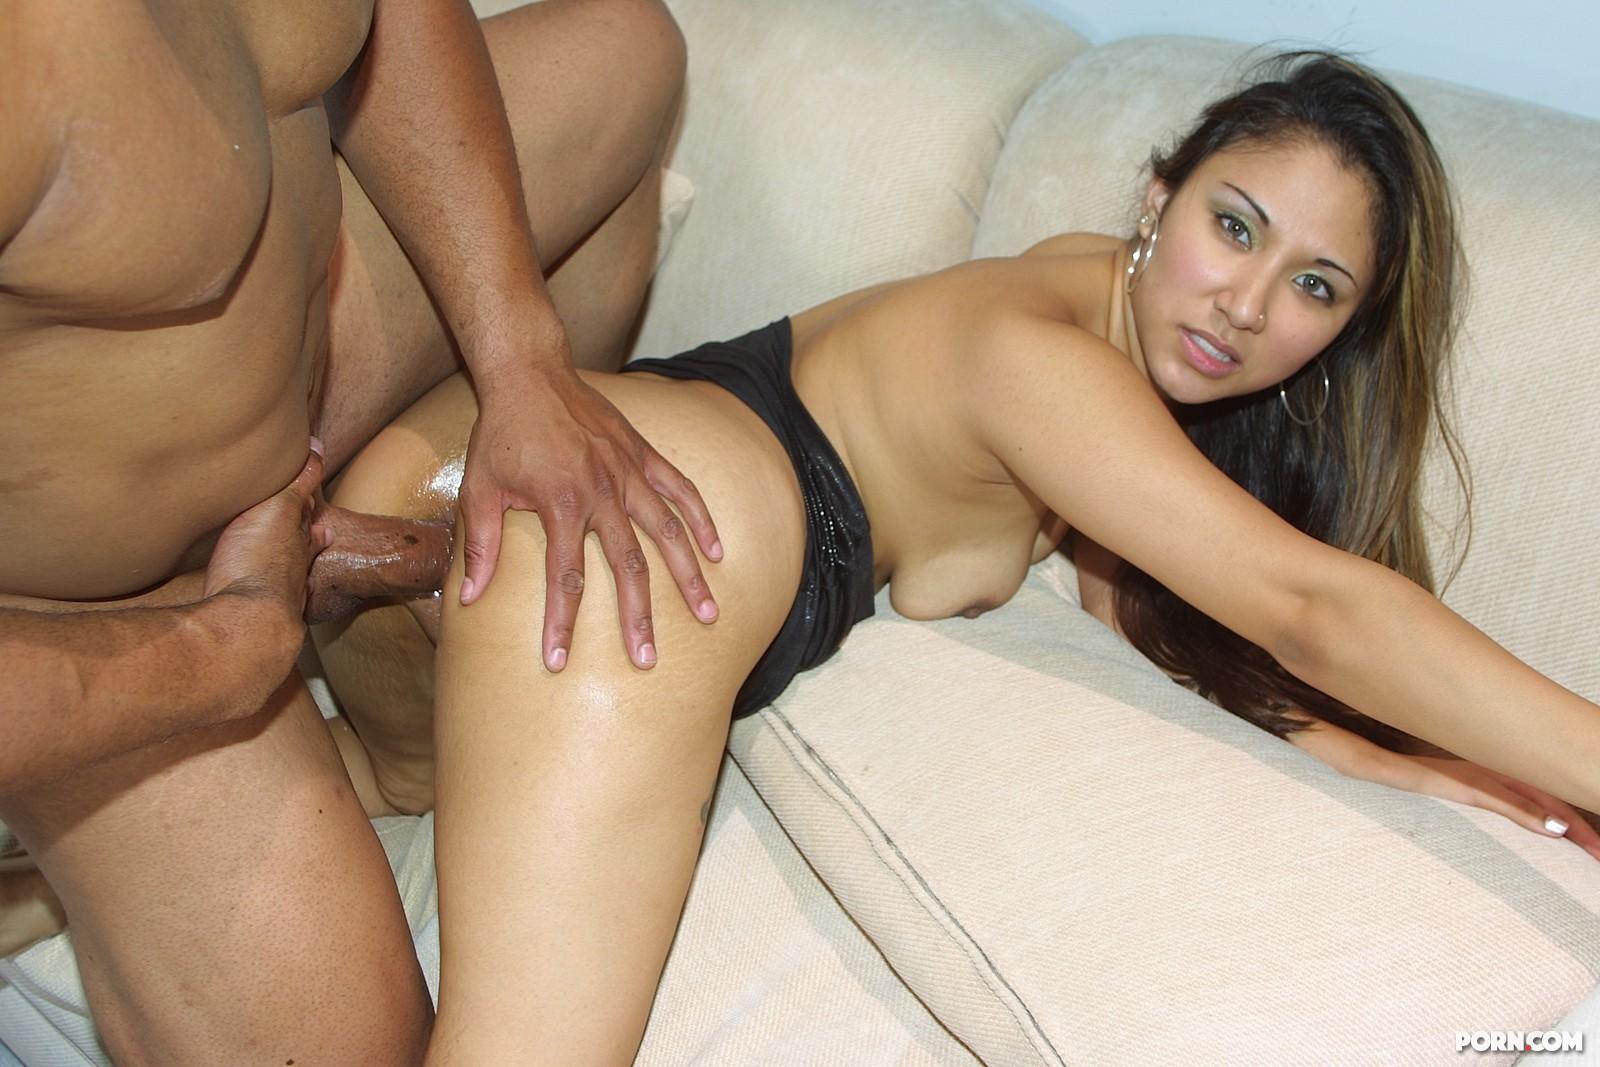 Таджикский порно секс, Таджик порно -видео. Смотреть Таджик порно 23 фотография